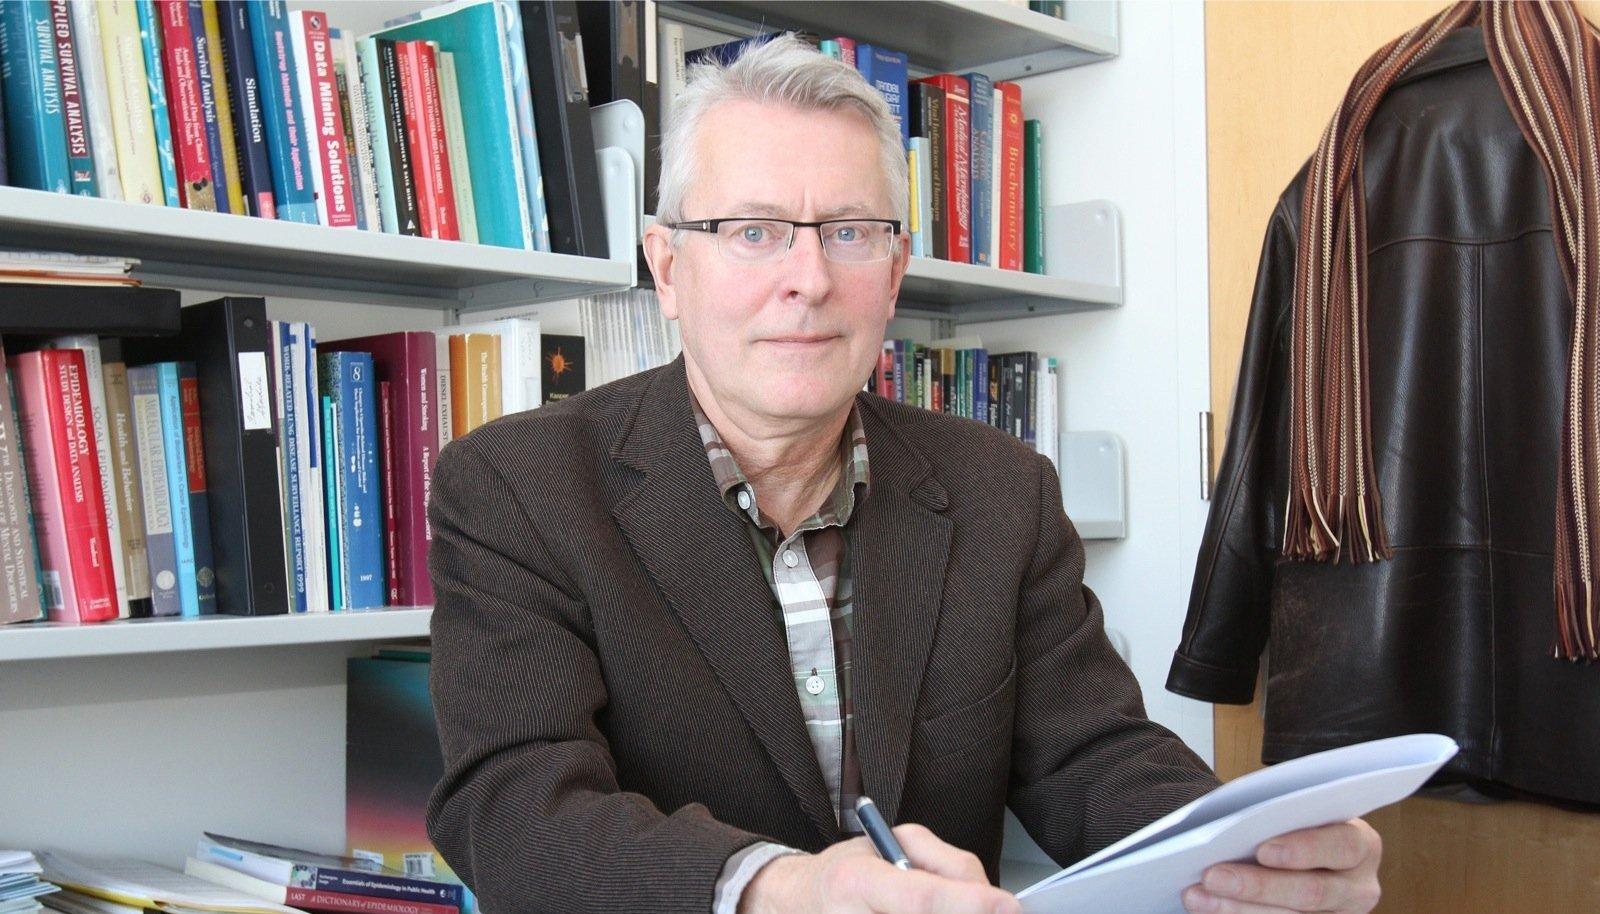 Kogu elu teisel pool Atlandi ookeani elanud professor Martin Tammemägi ütleb, et tunneb Eestiga tugevat sidet.